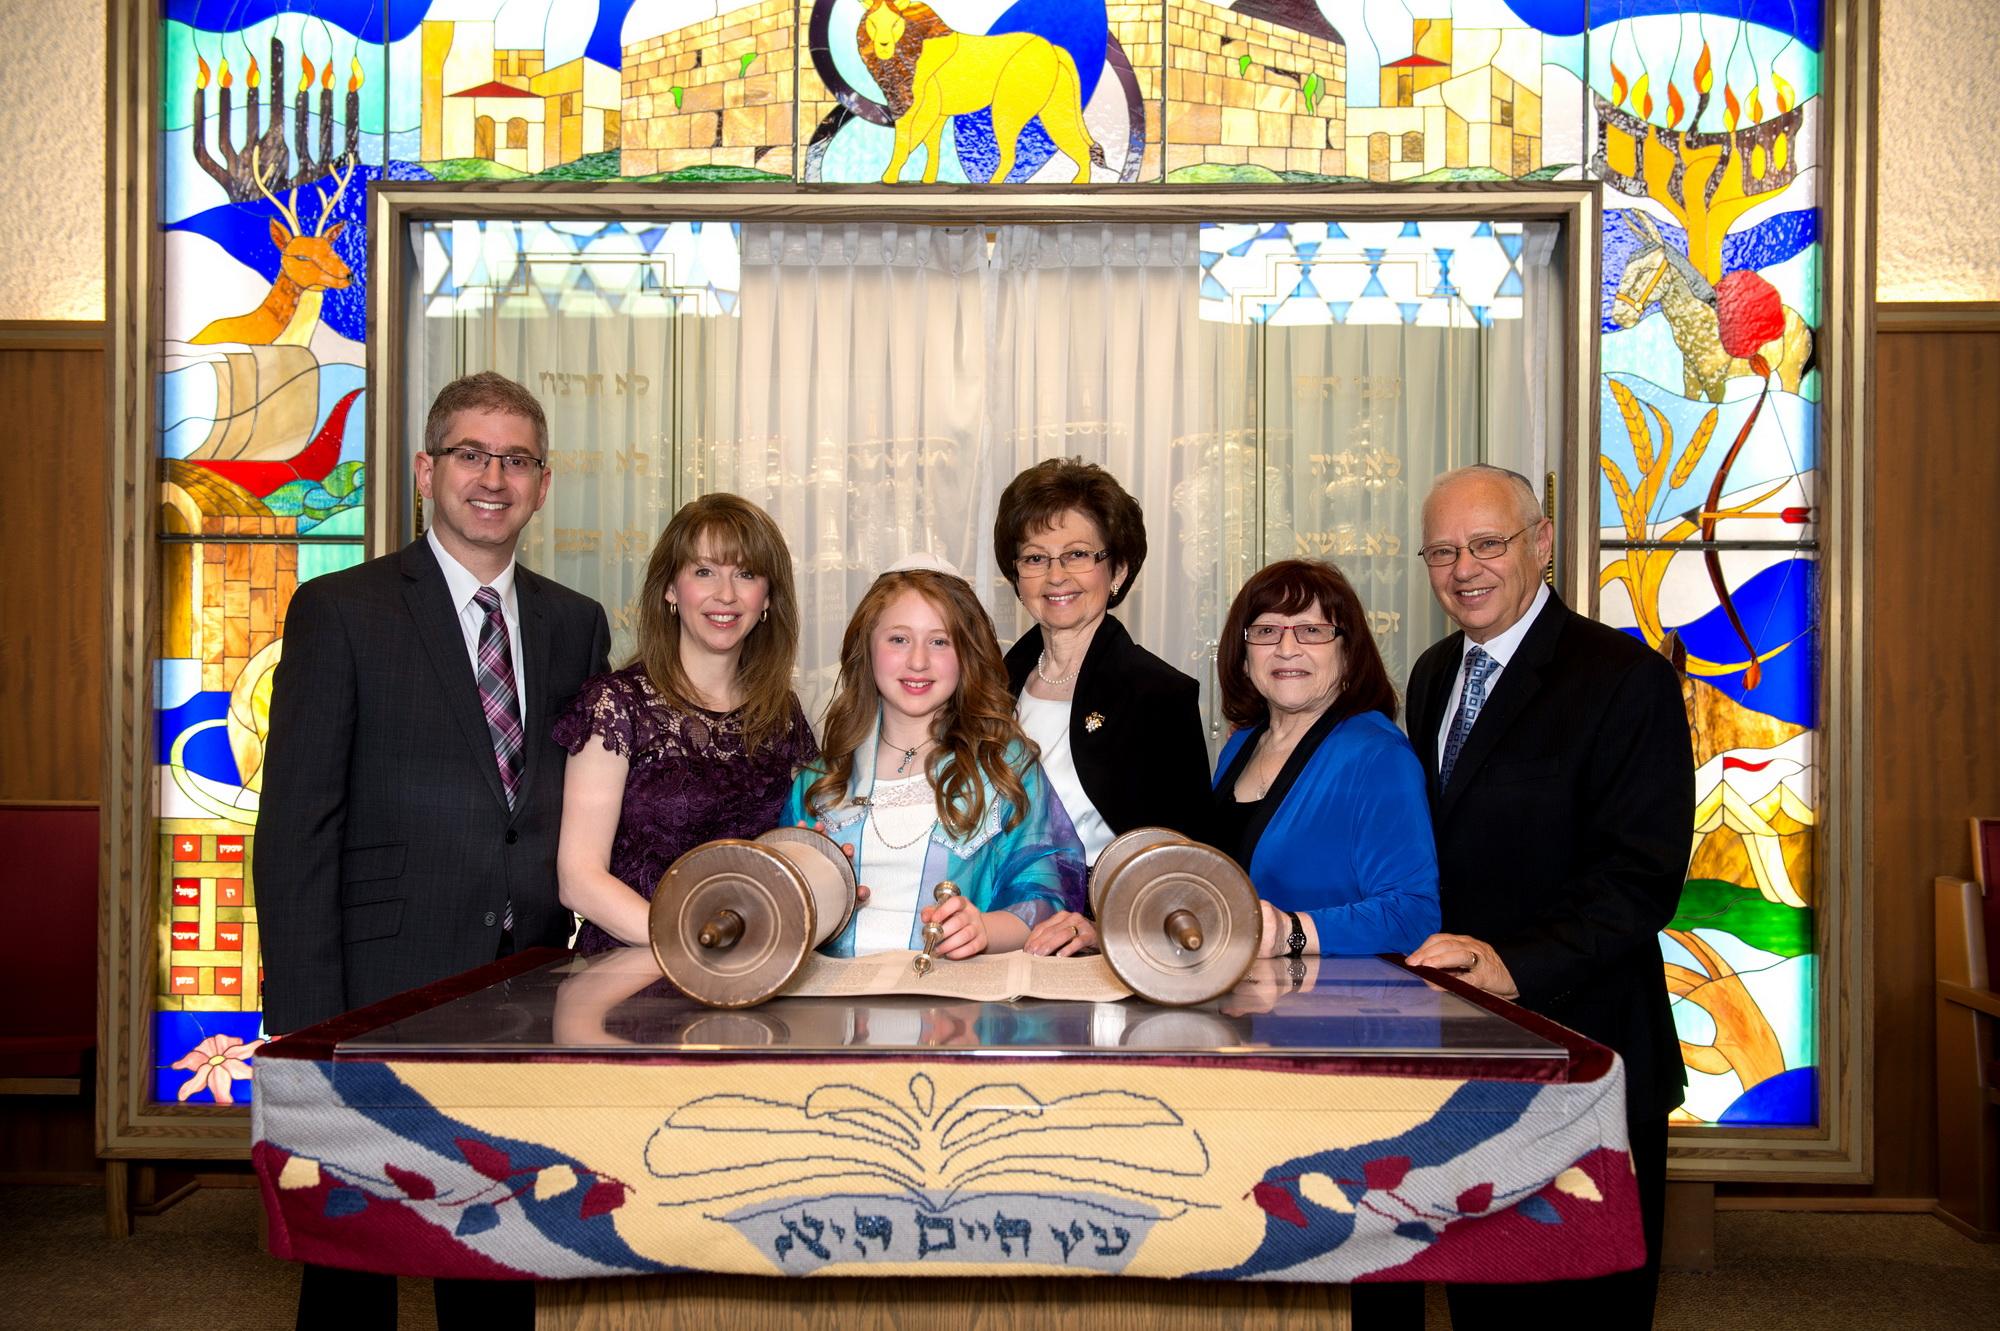 012-bar mitzvahs in winnipeg.jpg